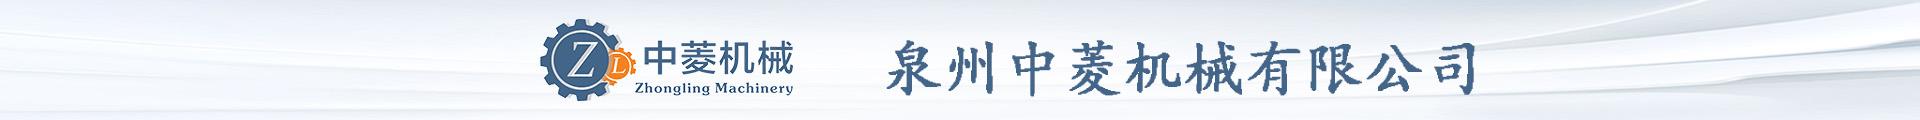 泉州中菱機械有限公司